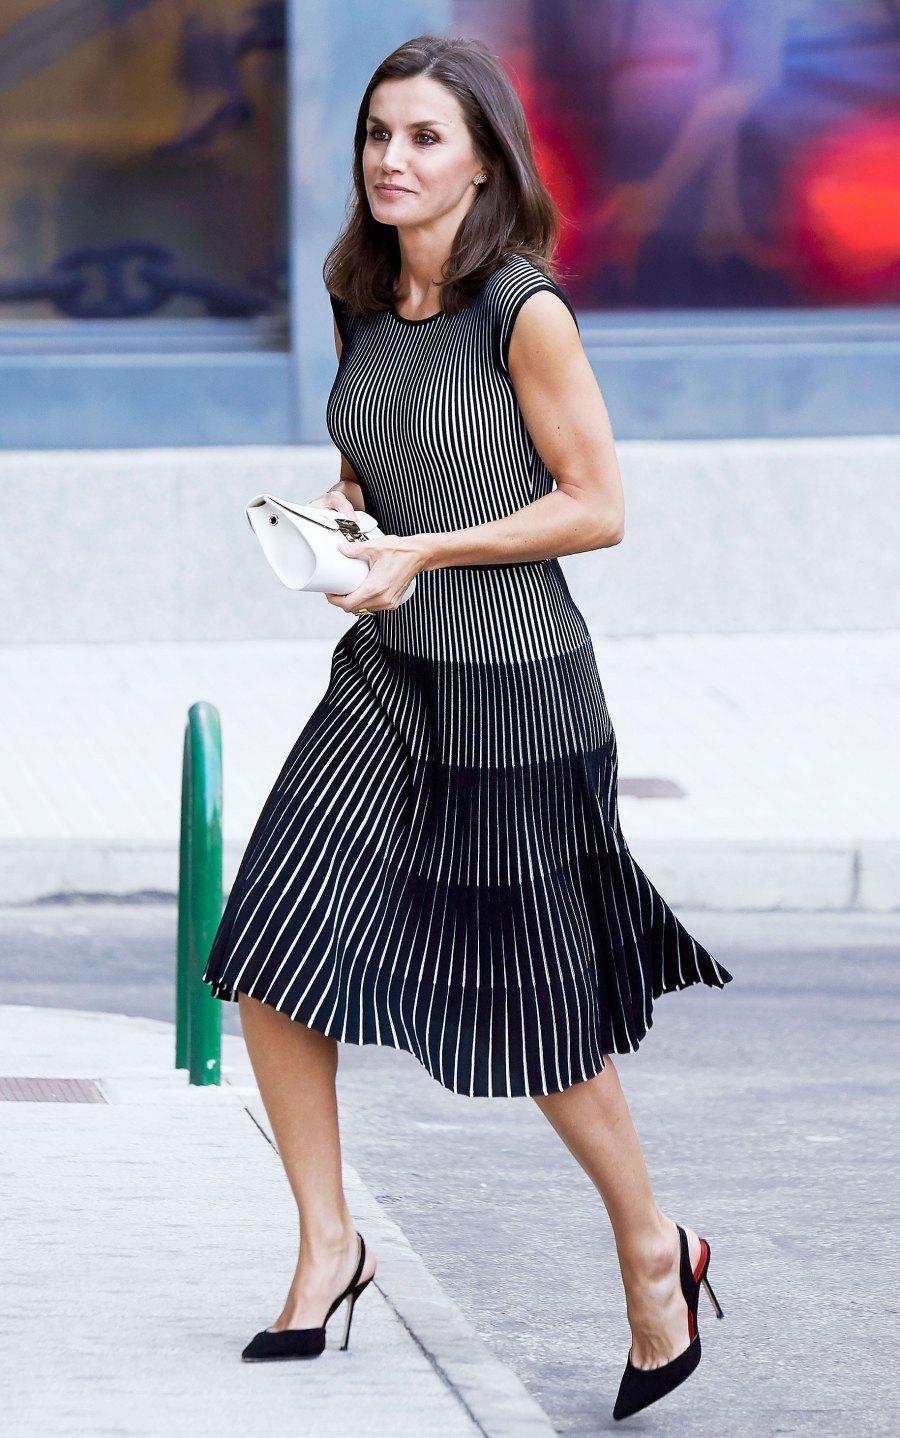 Queen Letizia Black Patterned Dress July 18, 2019